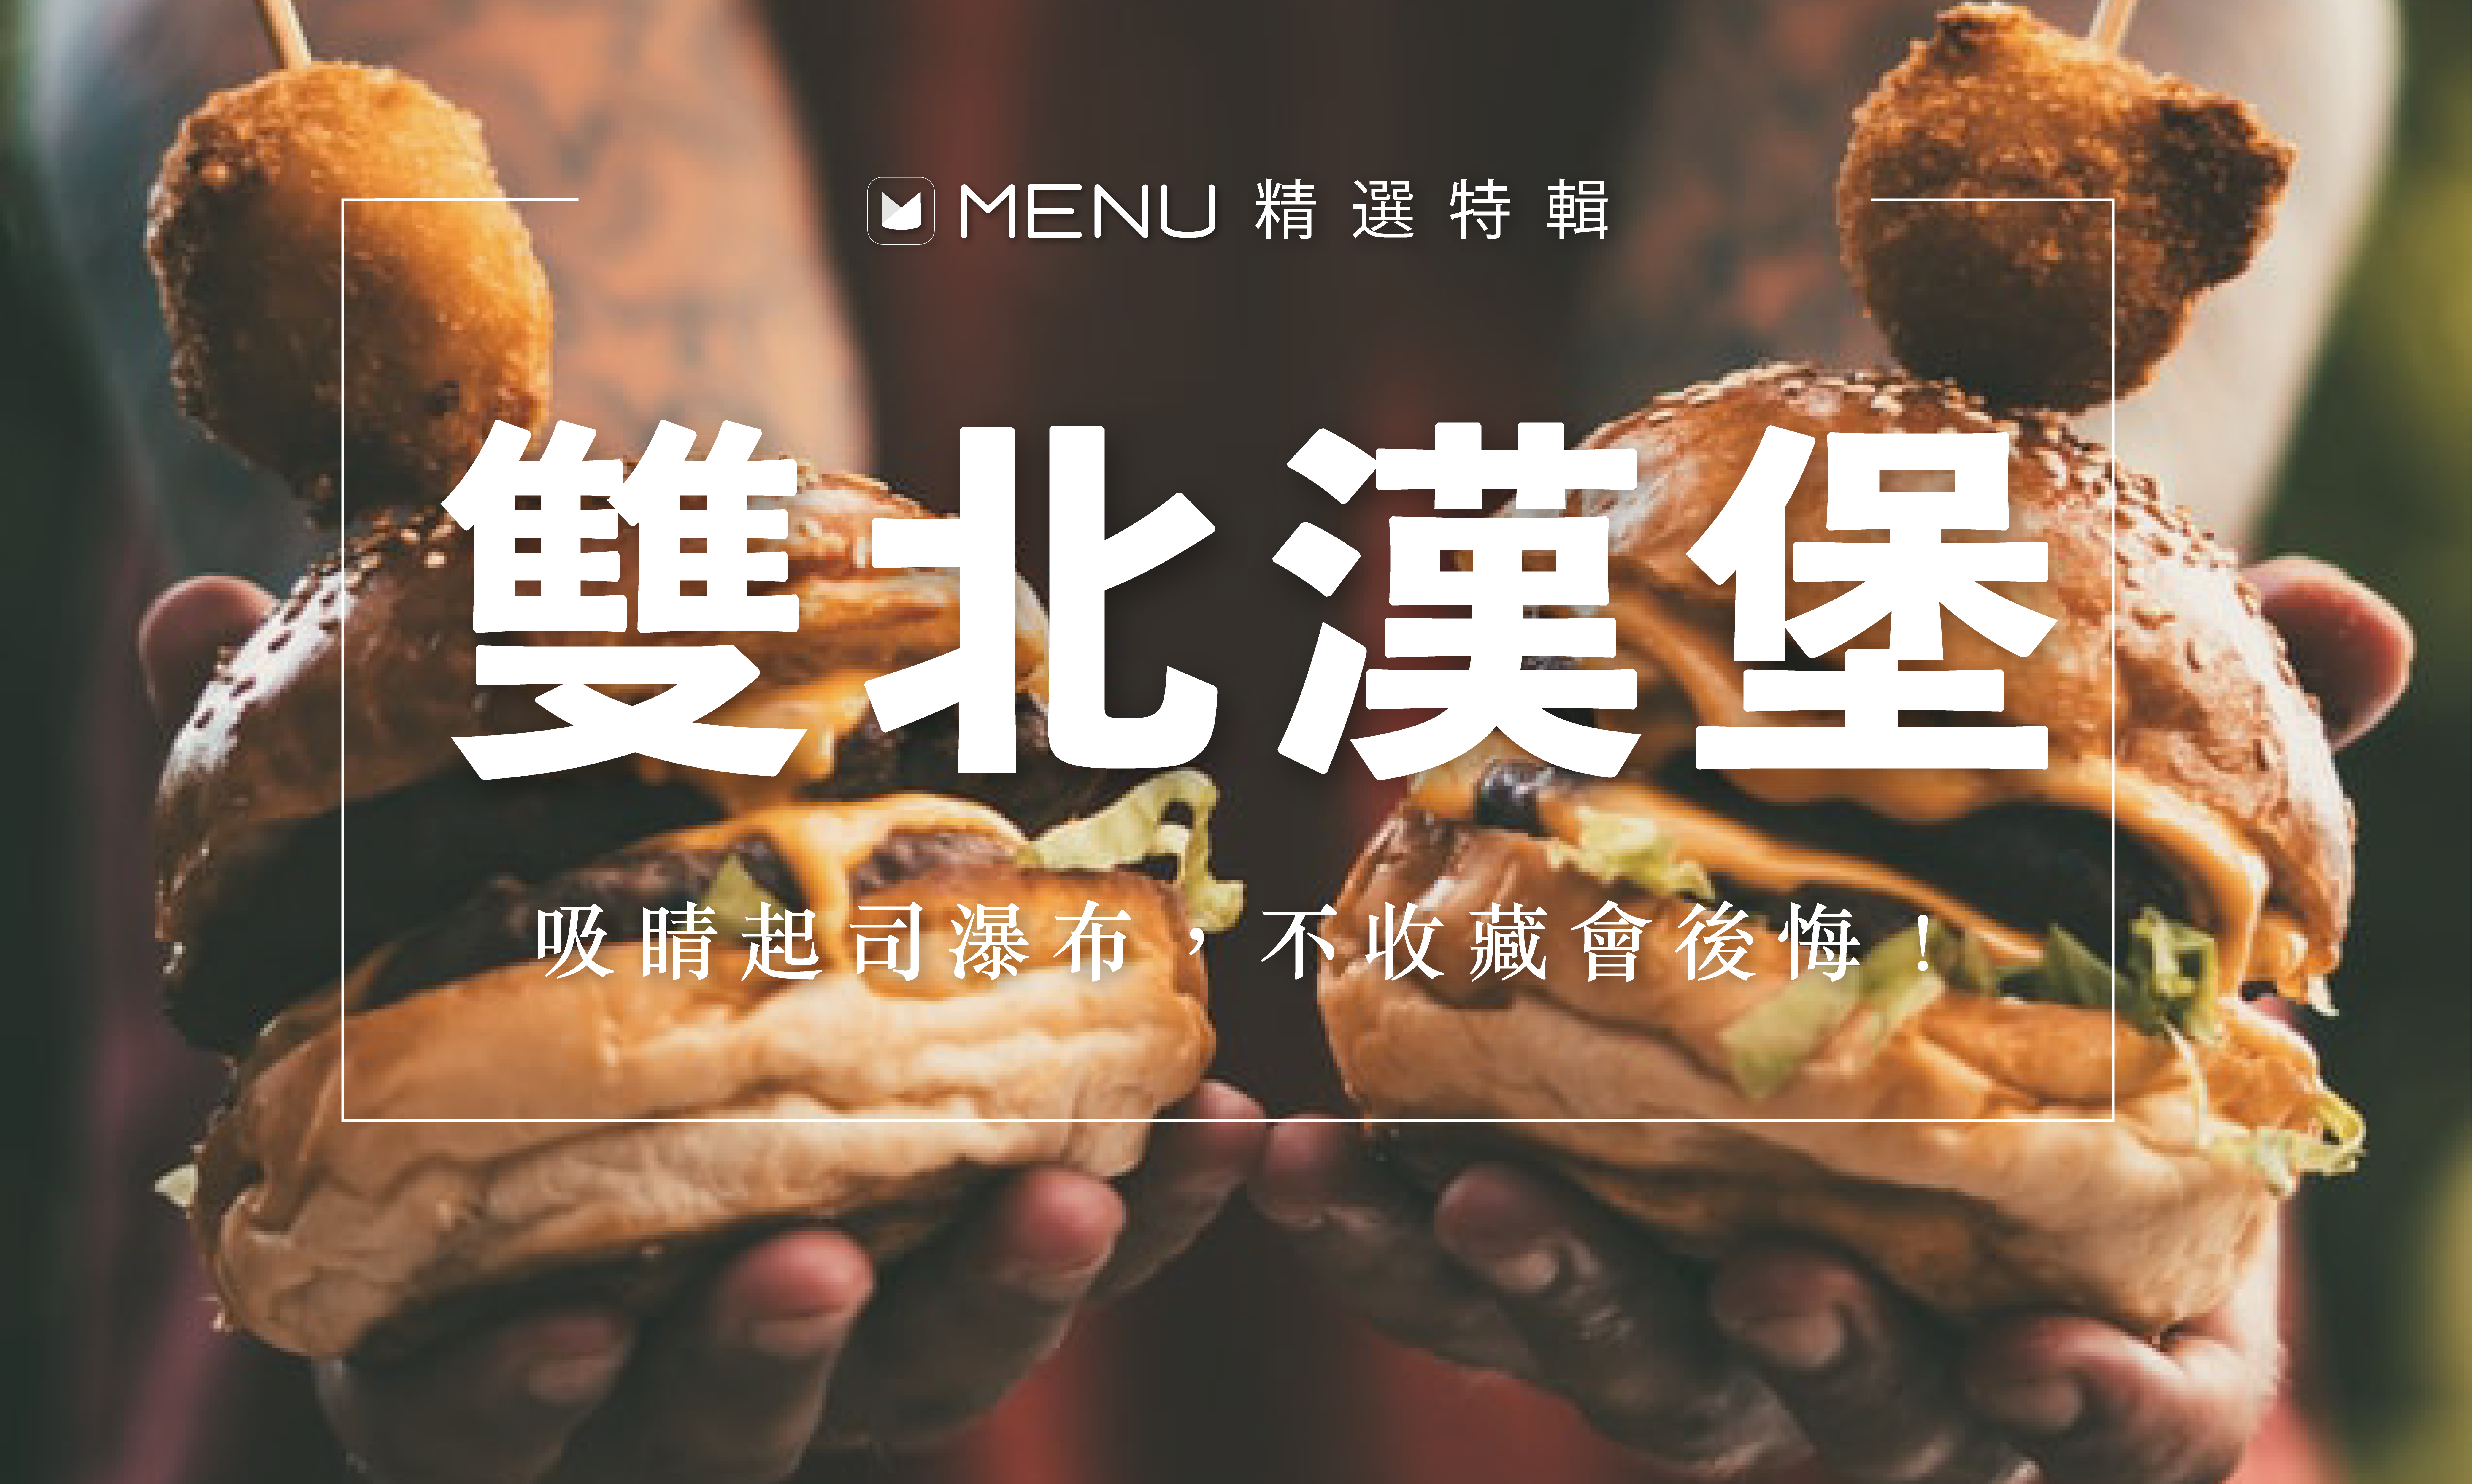 大俠愛吃漢堡包!雙北6家特色漢堡整理給你!